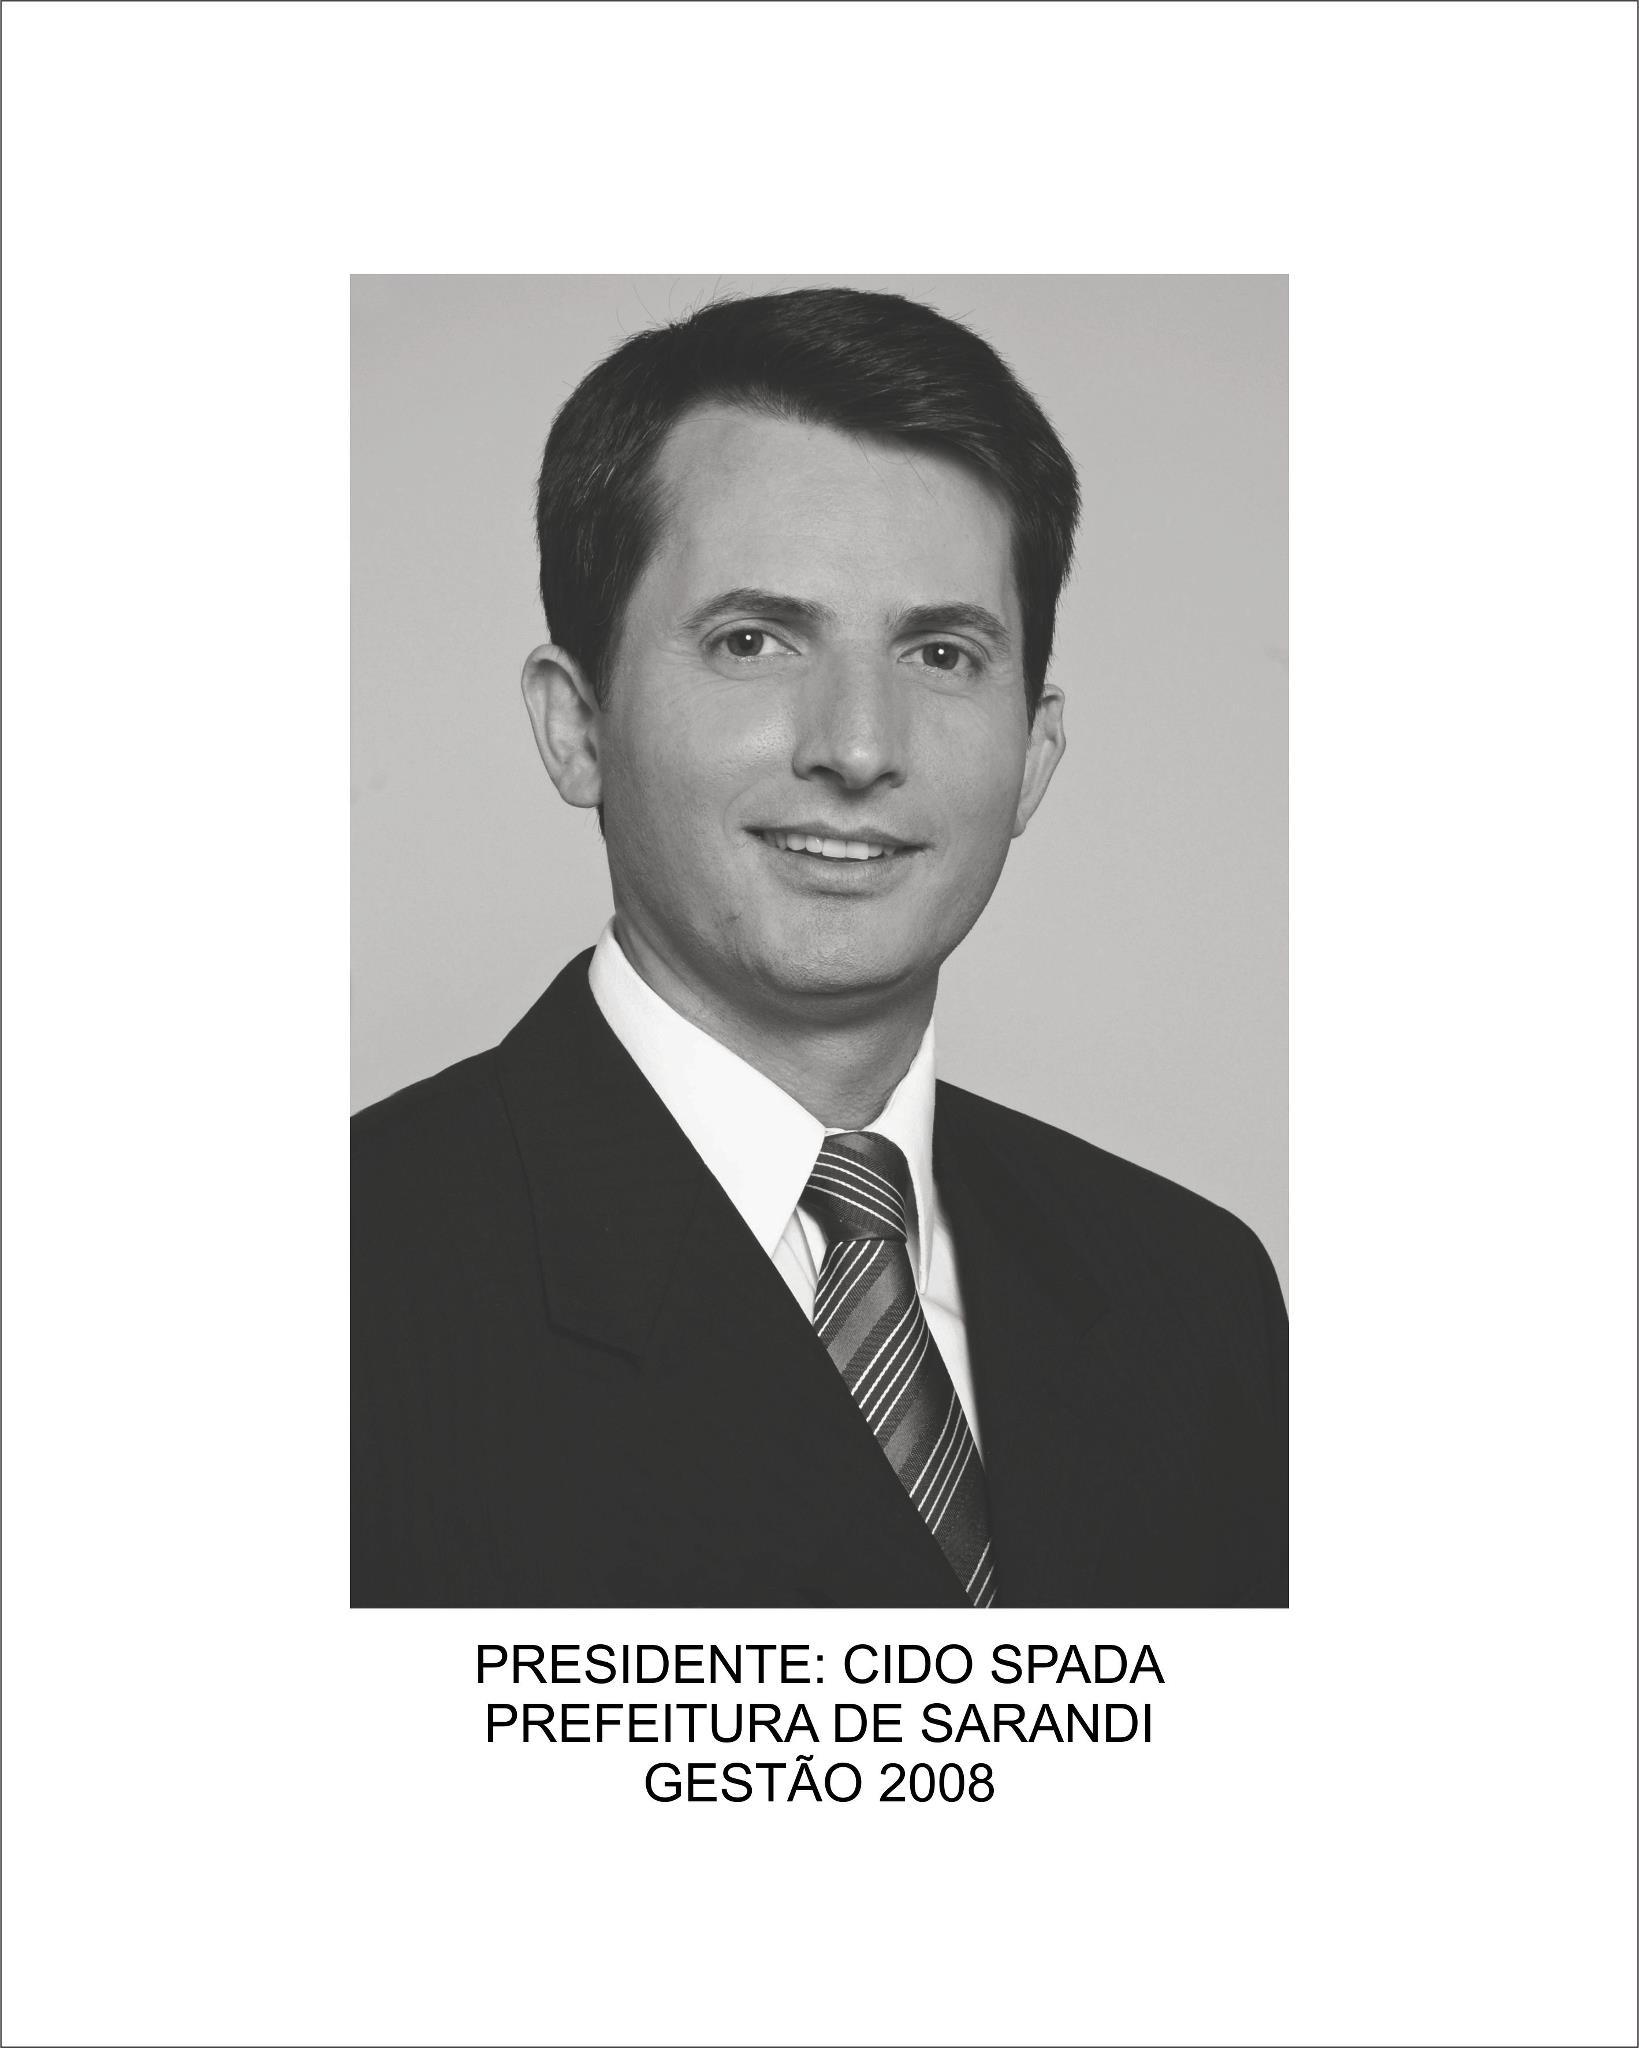 Aparecido Farias Spada (Cido Spada)